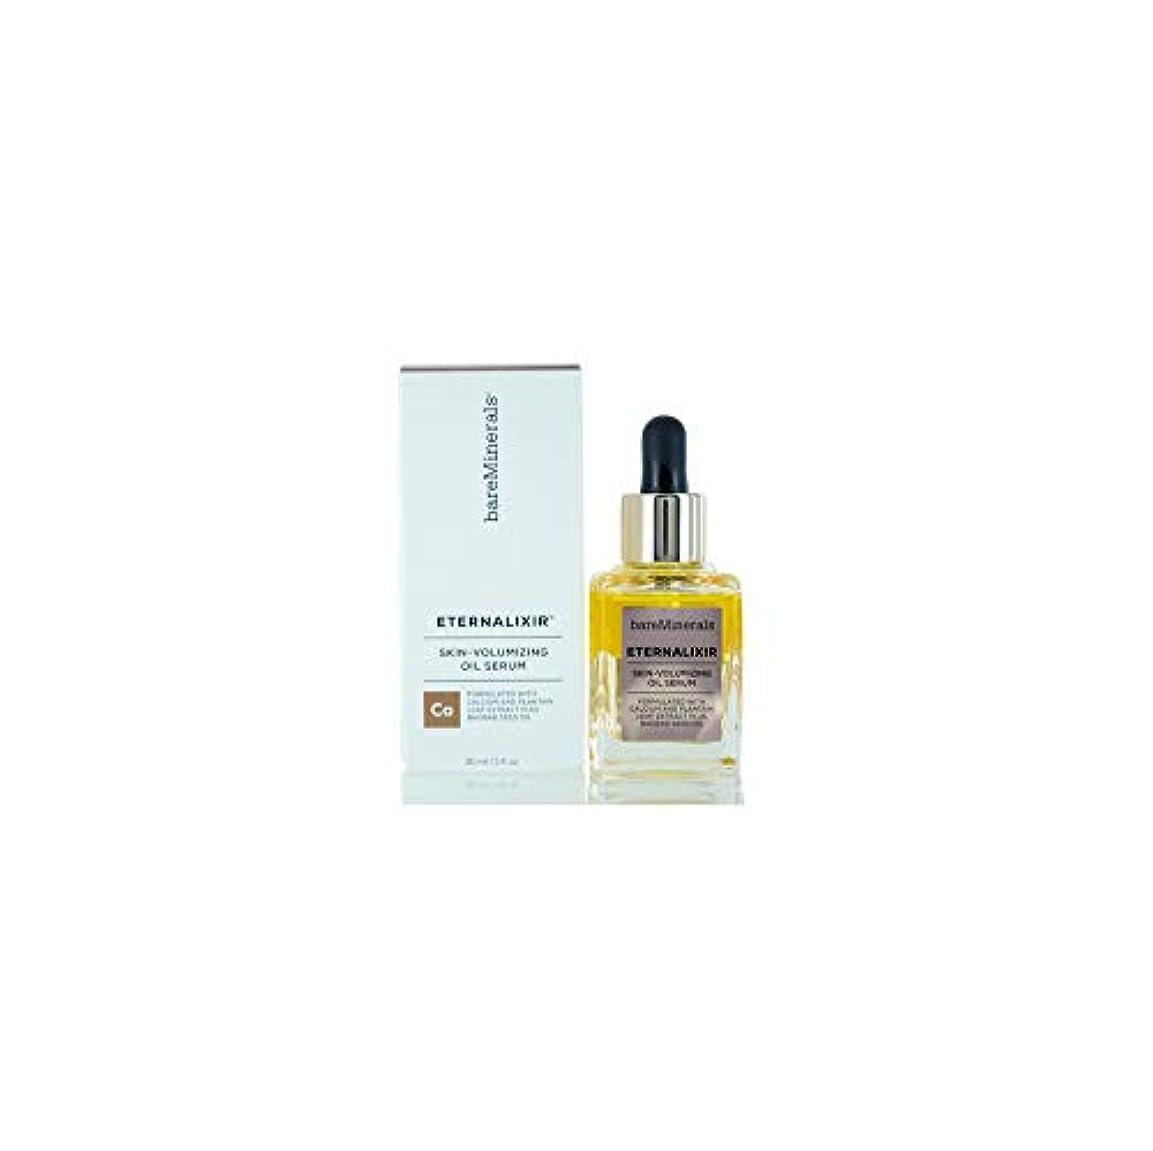 買収パーティー変色するベアミネラル Eternalixir Skin-Volumizing Oil Serum 30ml/1oz並行輸入品